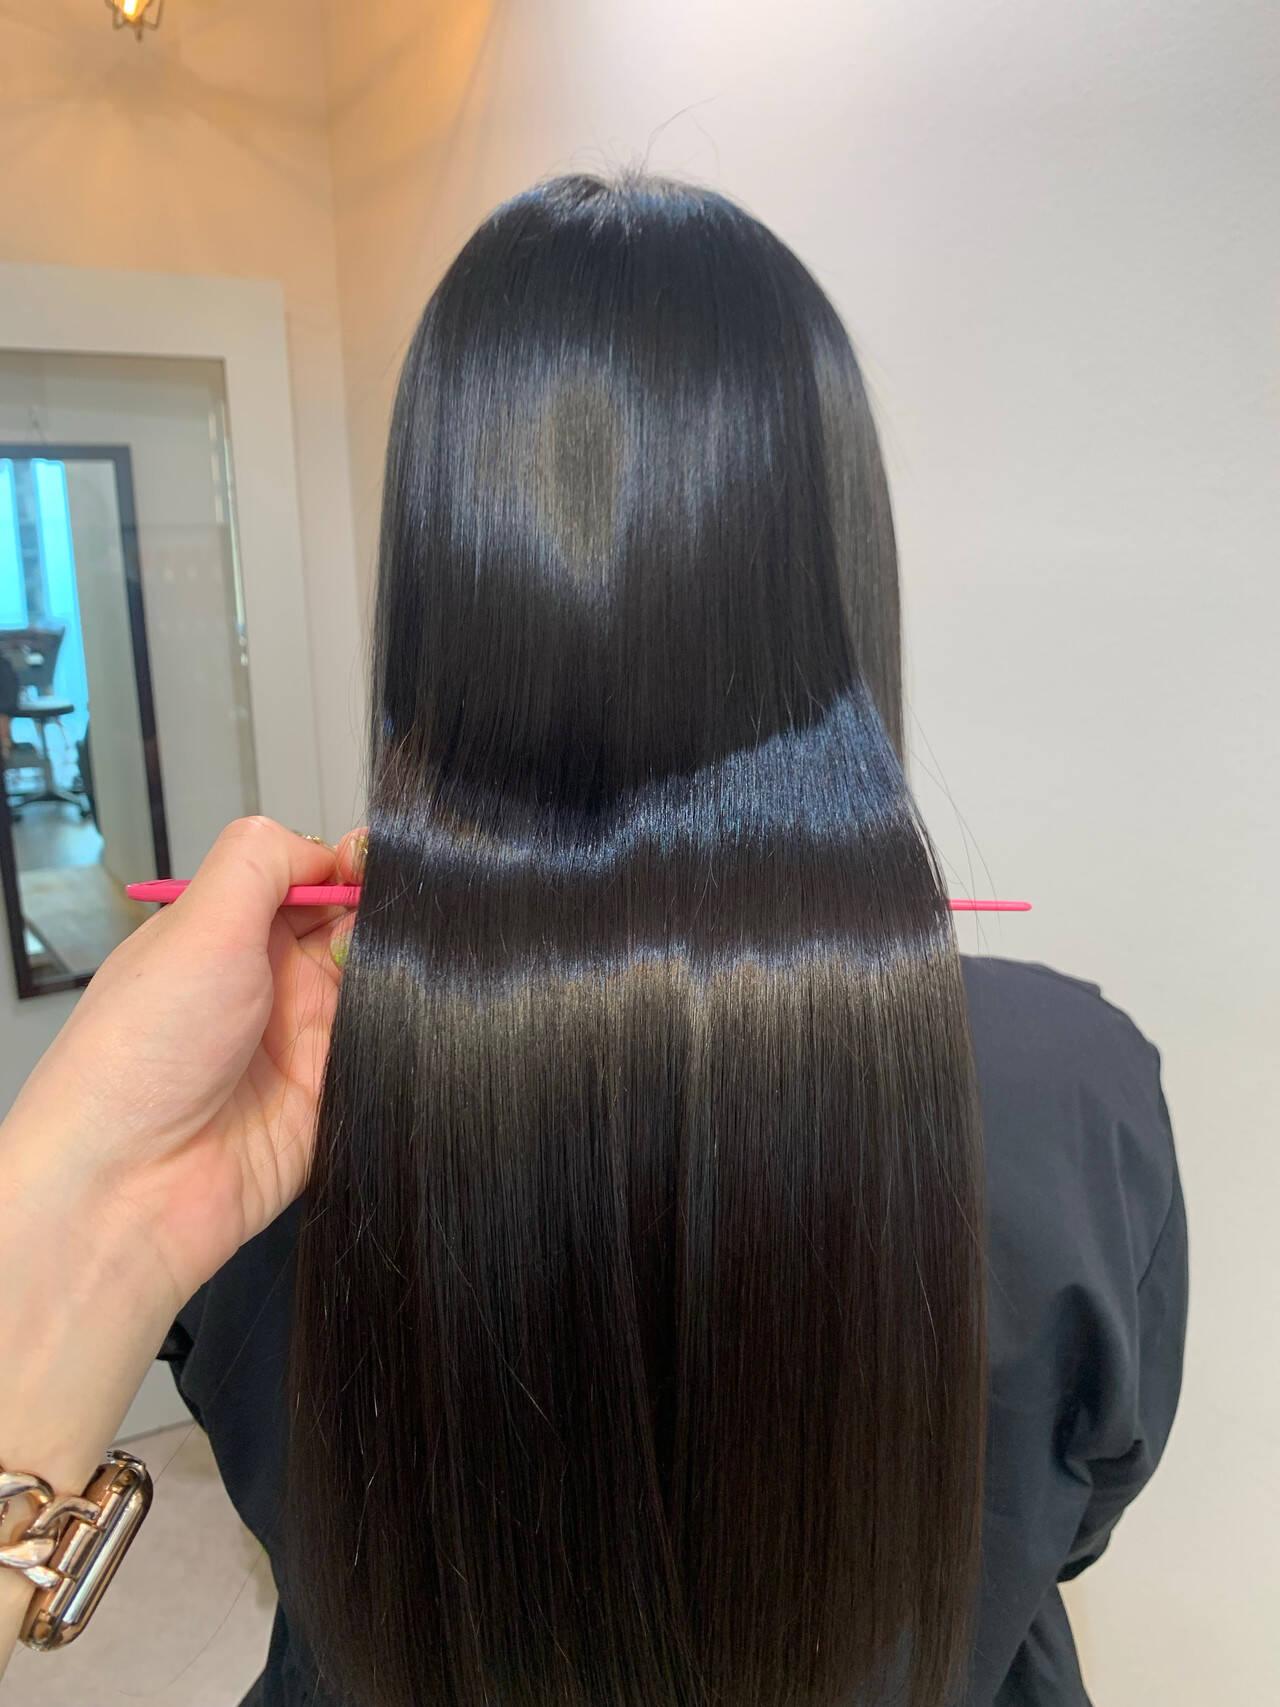 ロング ナチュラル 髪質改善カラー 大人かわいいヘアスタイルや髪型の写真・画像